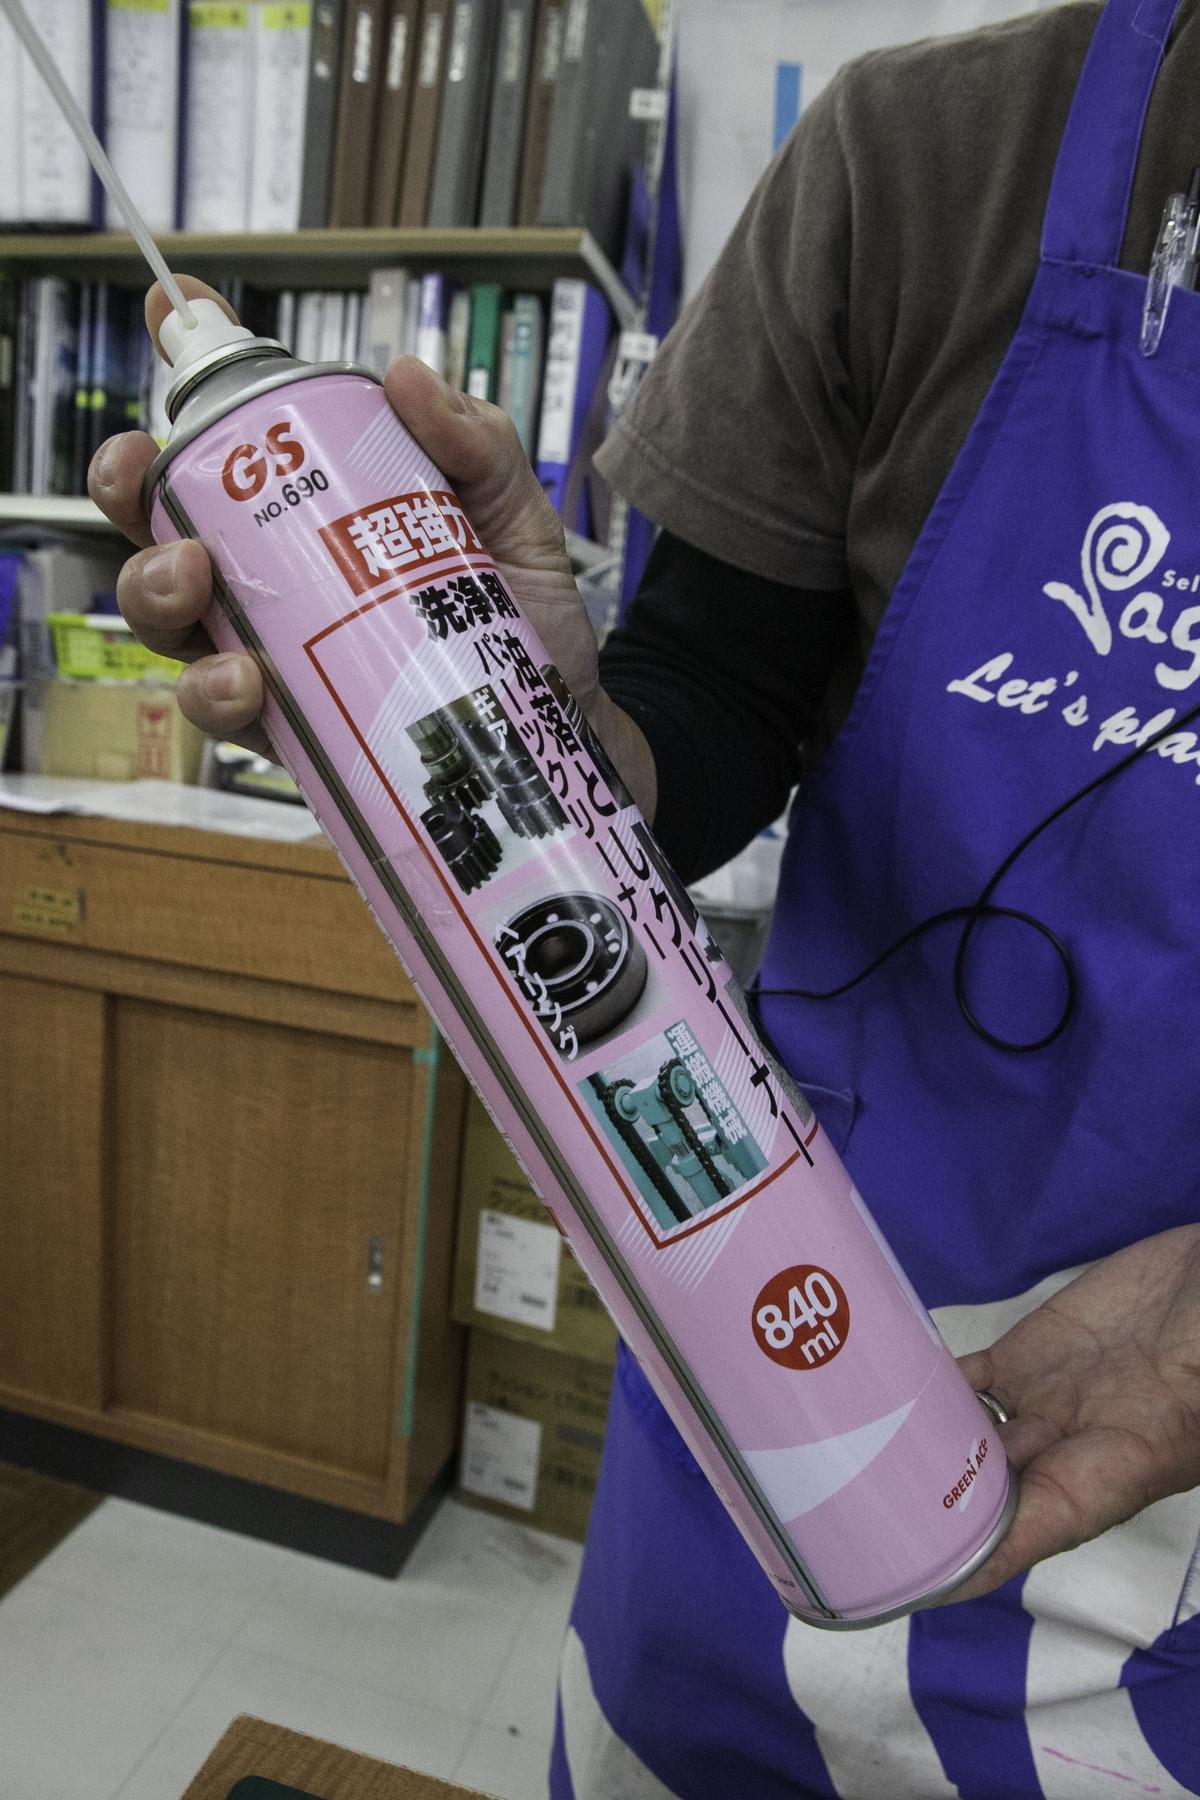 ベアリングの掃除には油落とし用のパーツクリーナーがあると便利